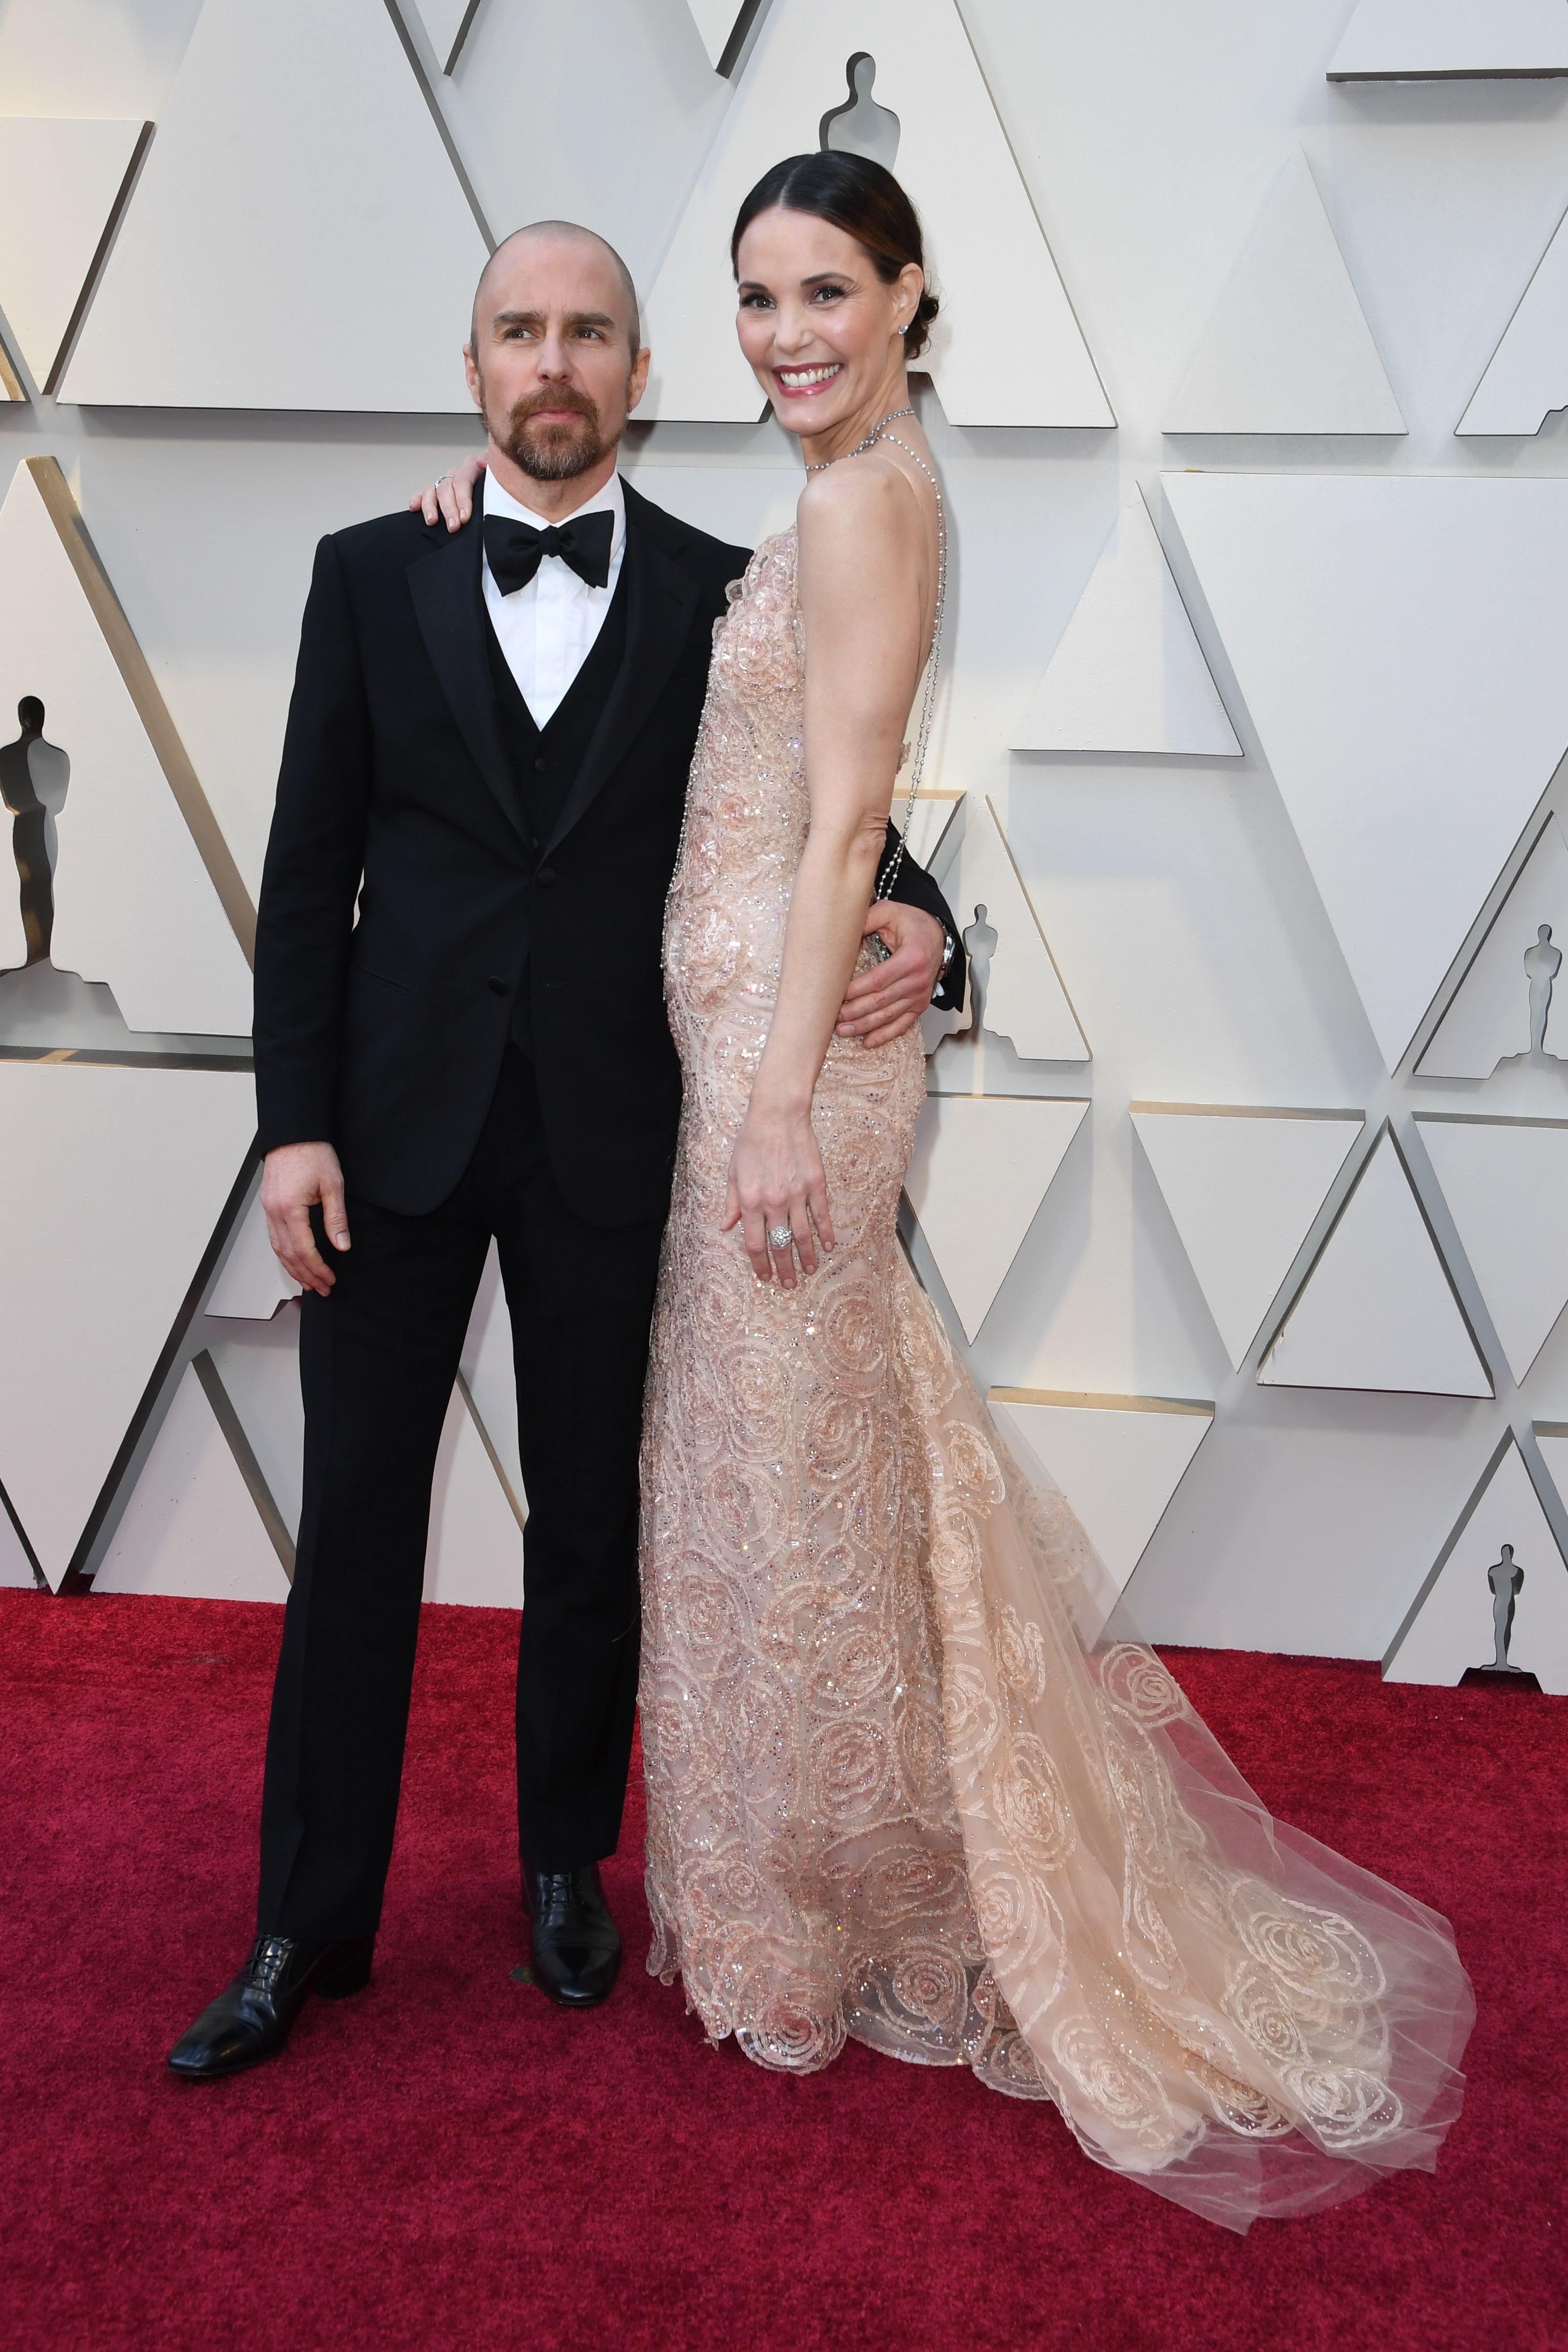 Oscar De Alfombra Roja La Premios Vestidos 2019Looks 2019 7gbf6y